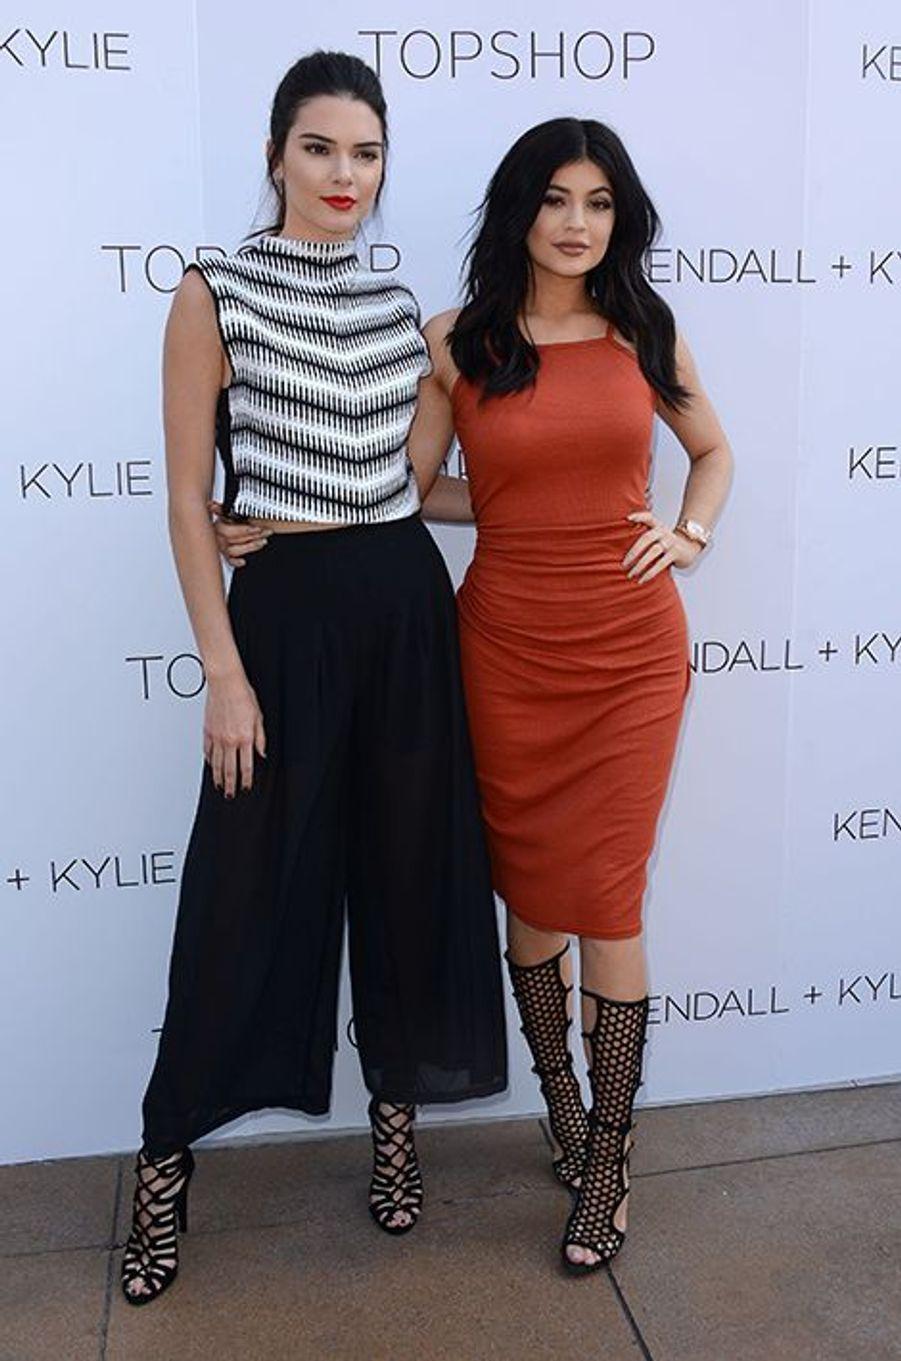 Kendall et Kylie Jenner à Los Angeles le 3 juin 2015